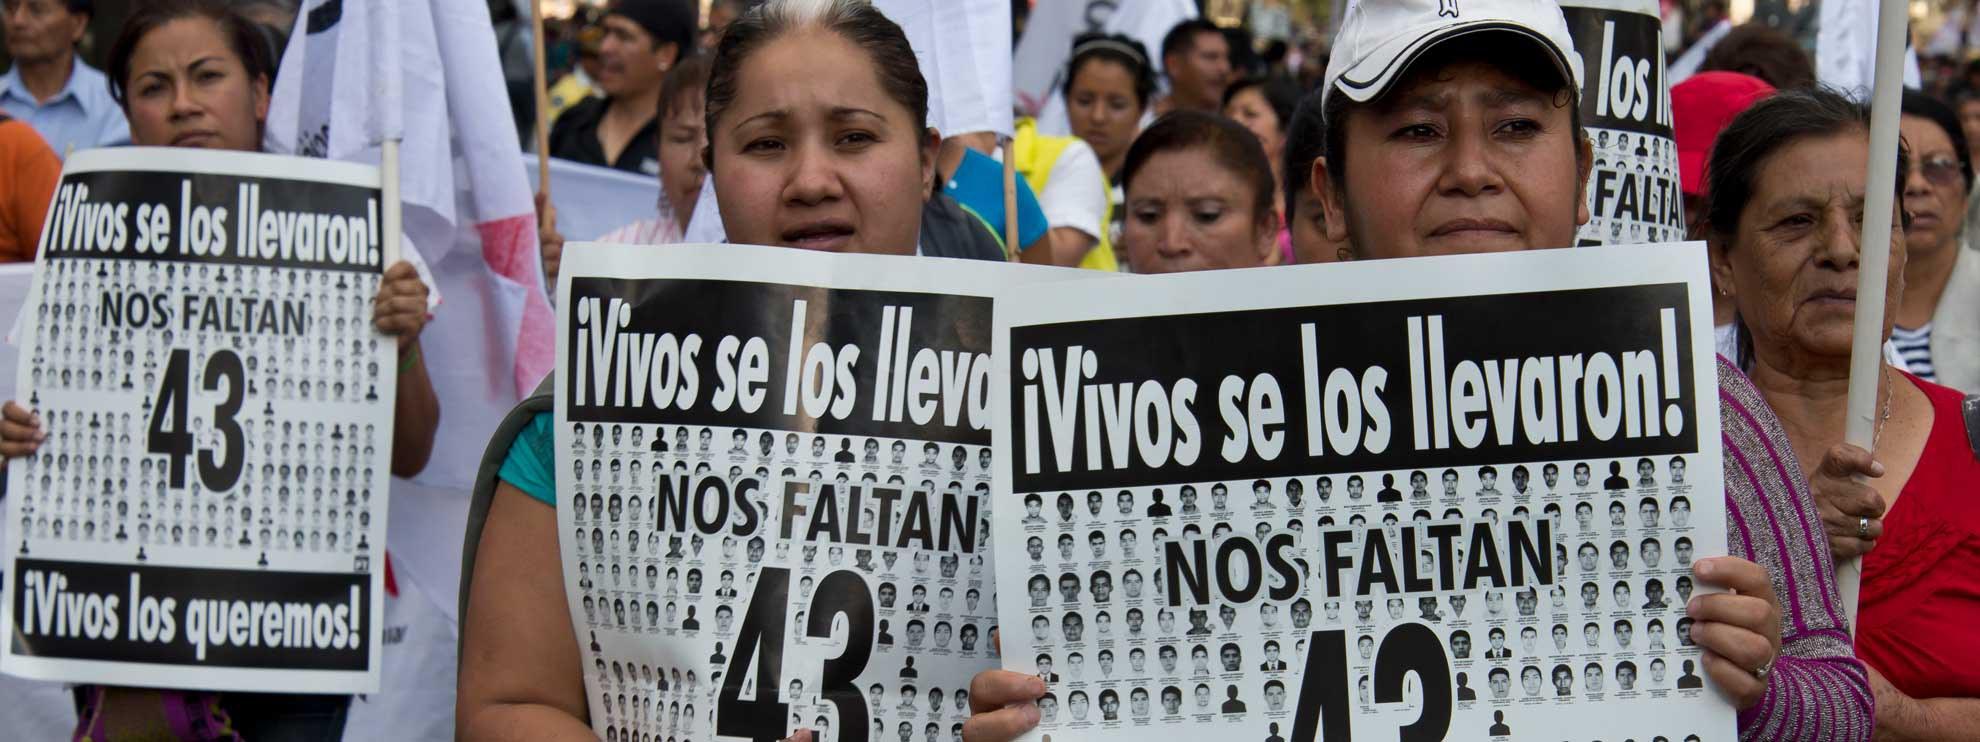 Angehörige der 43 vermissten Schüler aus Ayotzinapa nehmen an einem Marsch teil, der an ihr Verschwinden erinnert. © Amnesty International